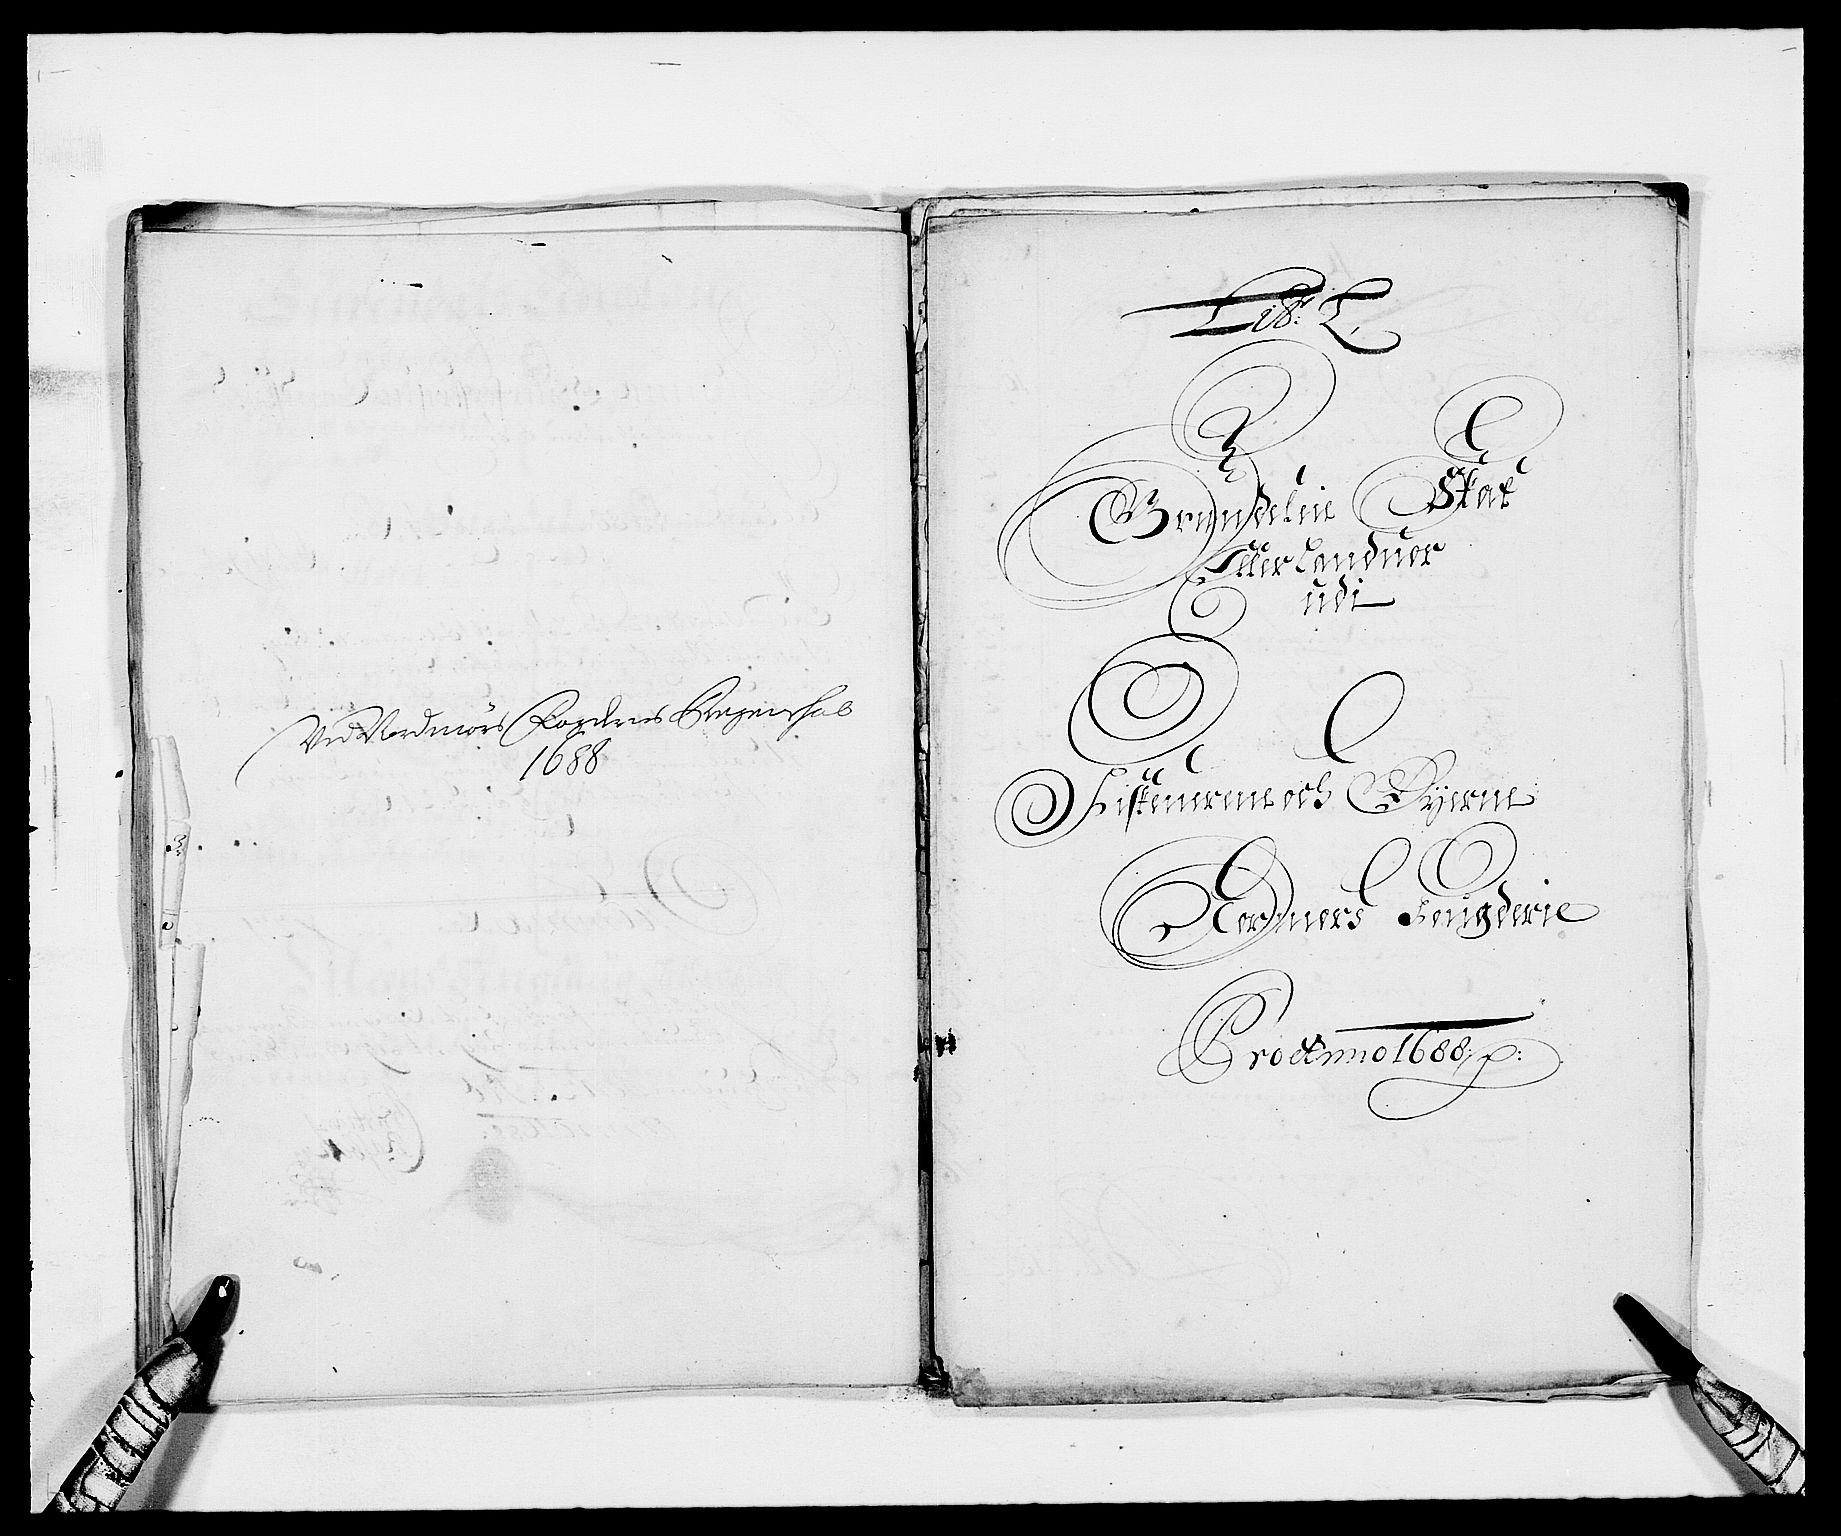 RA, Rentekammeret inntil 1814, Reviderte regnskaper, Fogderegnskap, R56/L3733: Fogderegnskap Nordmøre, 1687-1689, s. 295